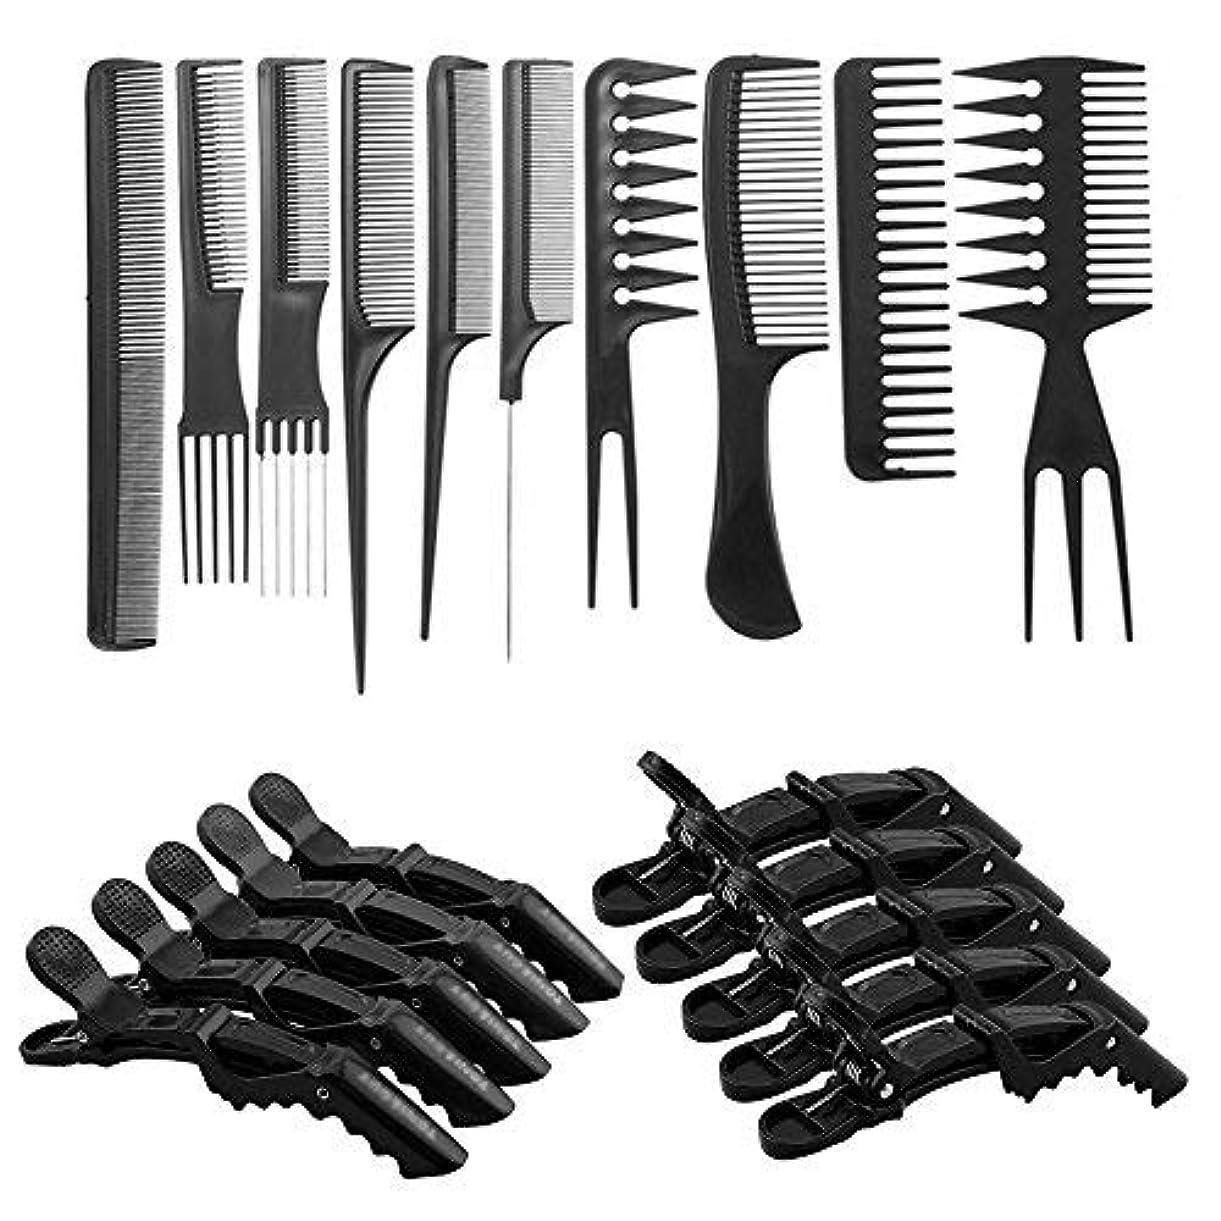 発掘する頭痛冷ややかな10 Pcs Professional Hair Styling Comb Set with Styling Clips [並行輸入品]